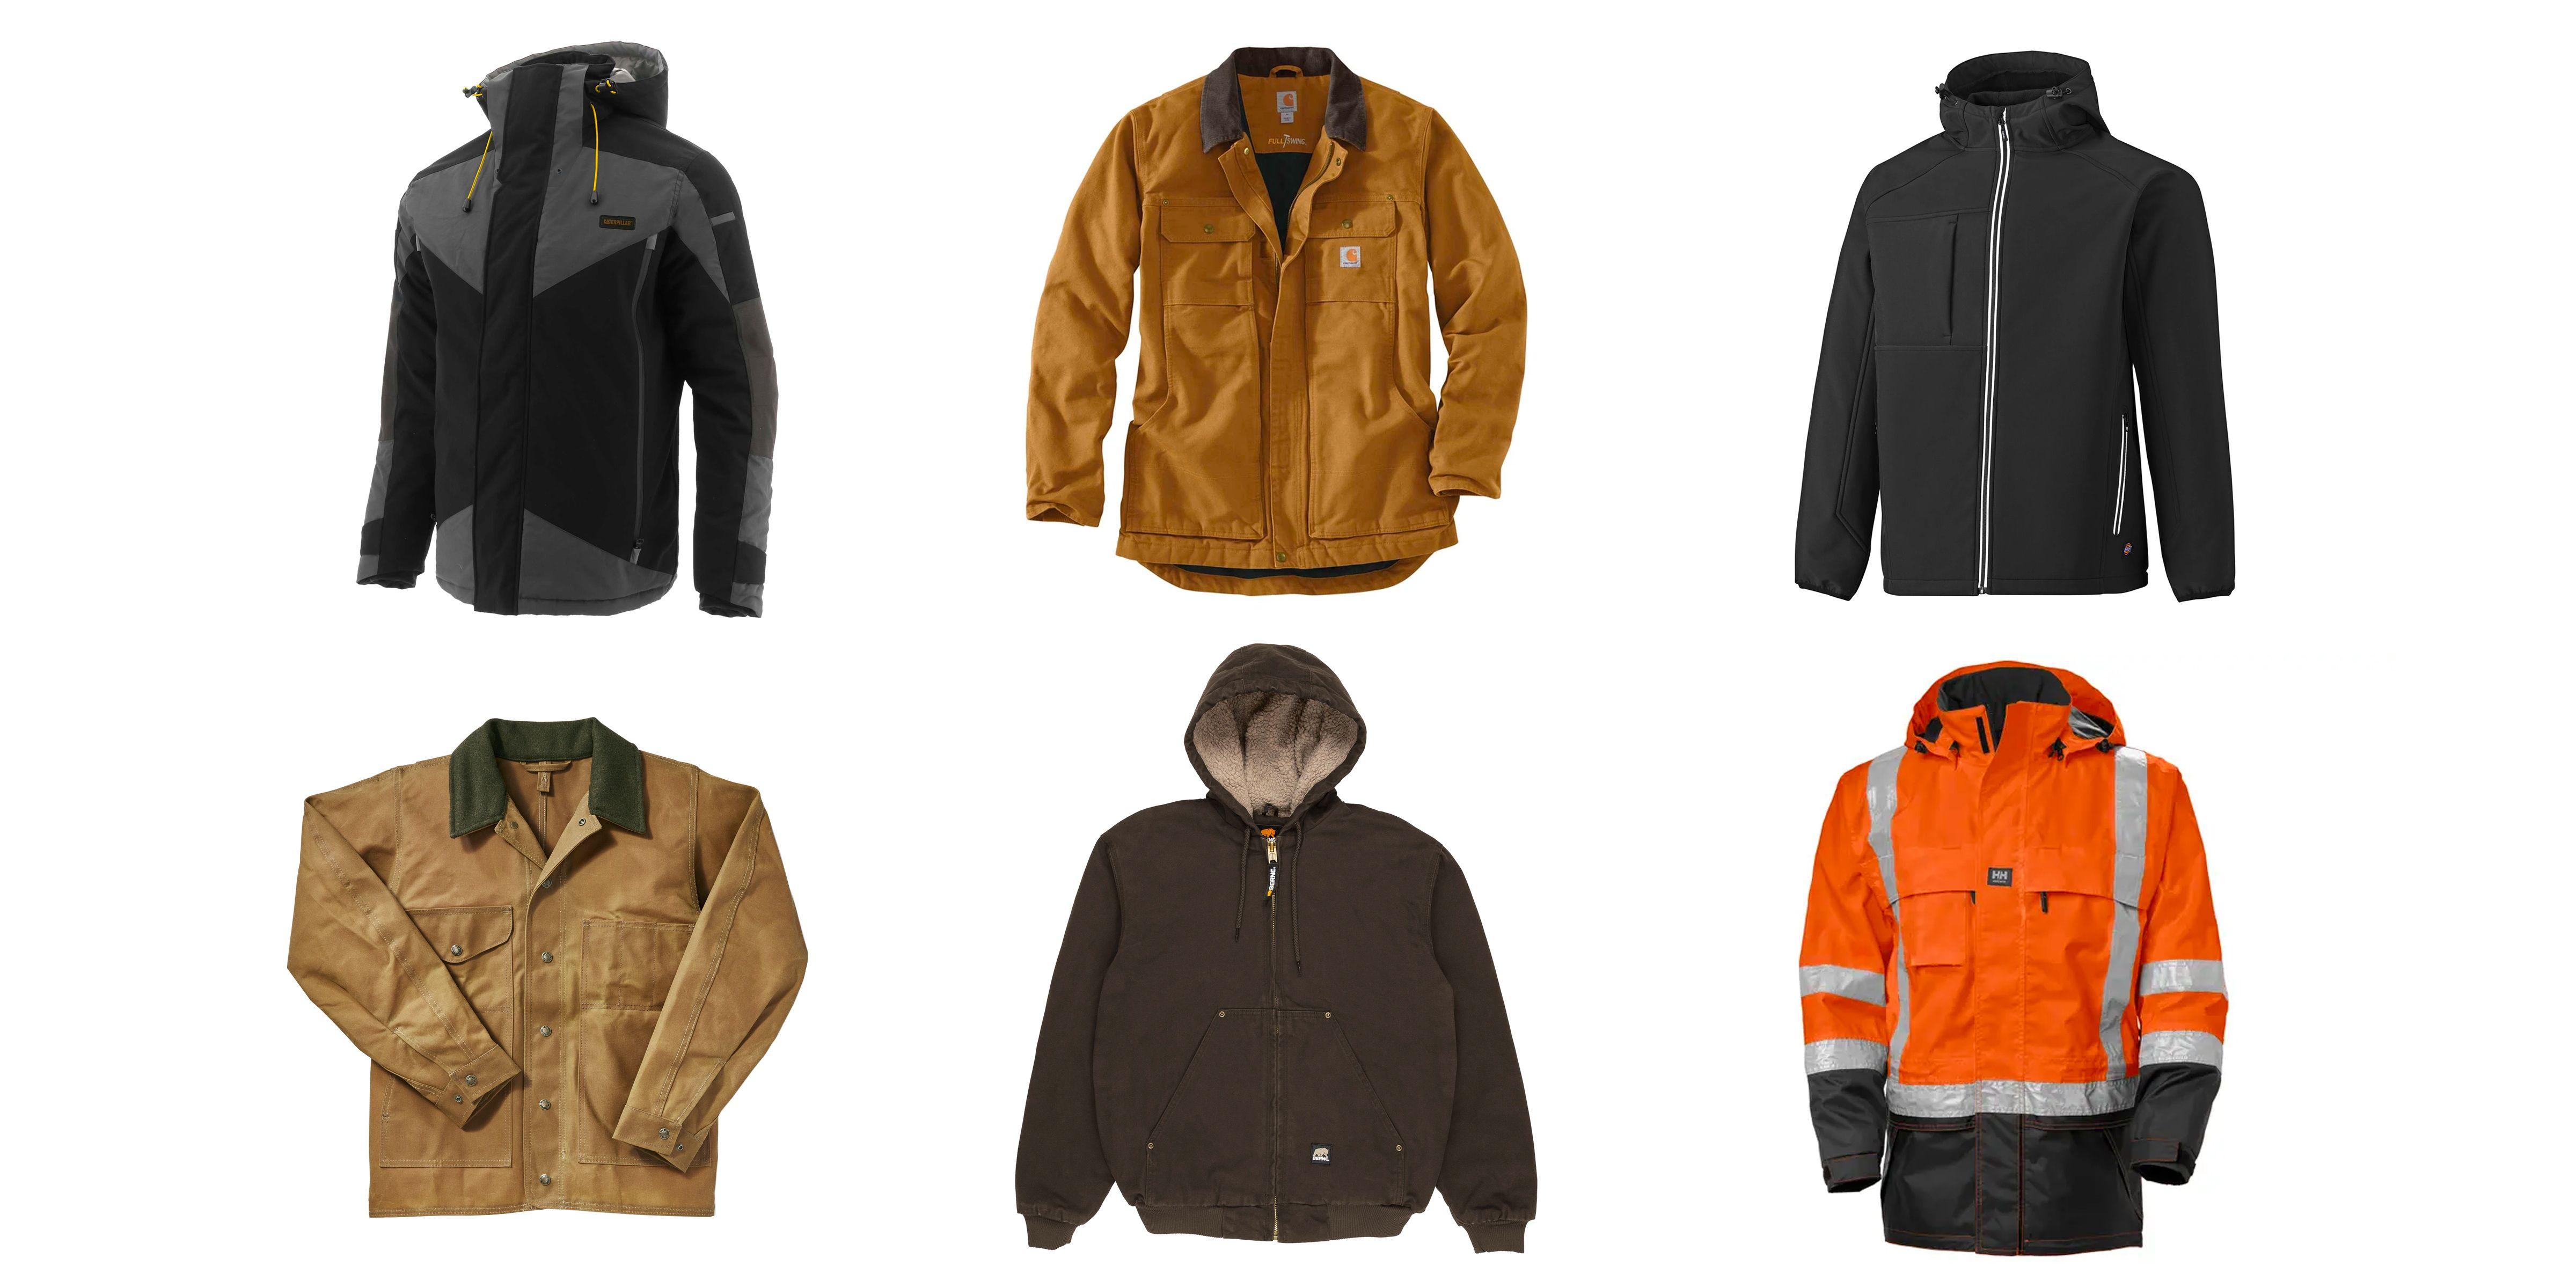 Best Workwear Jackets 2021 | Workwear Jacket Reviews